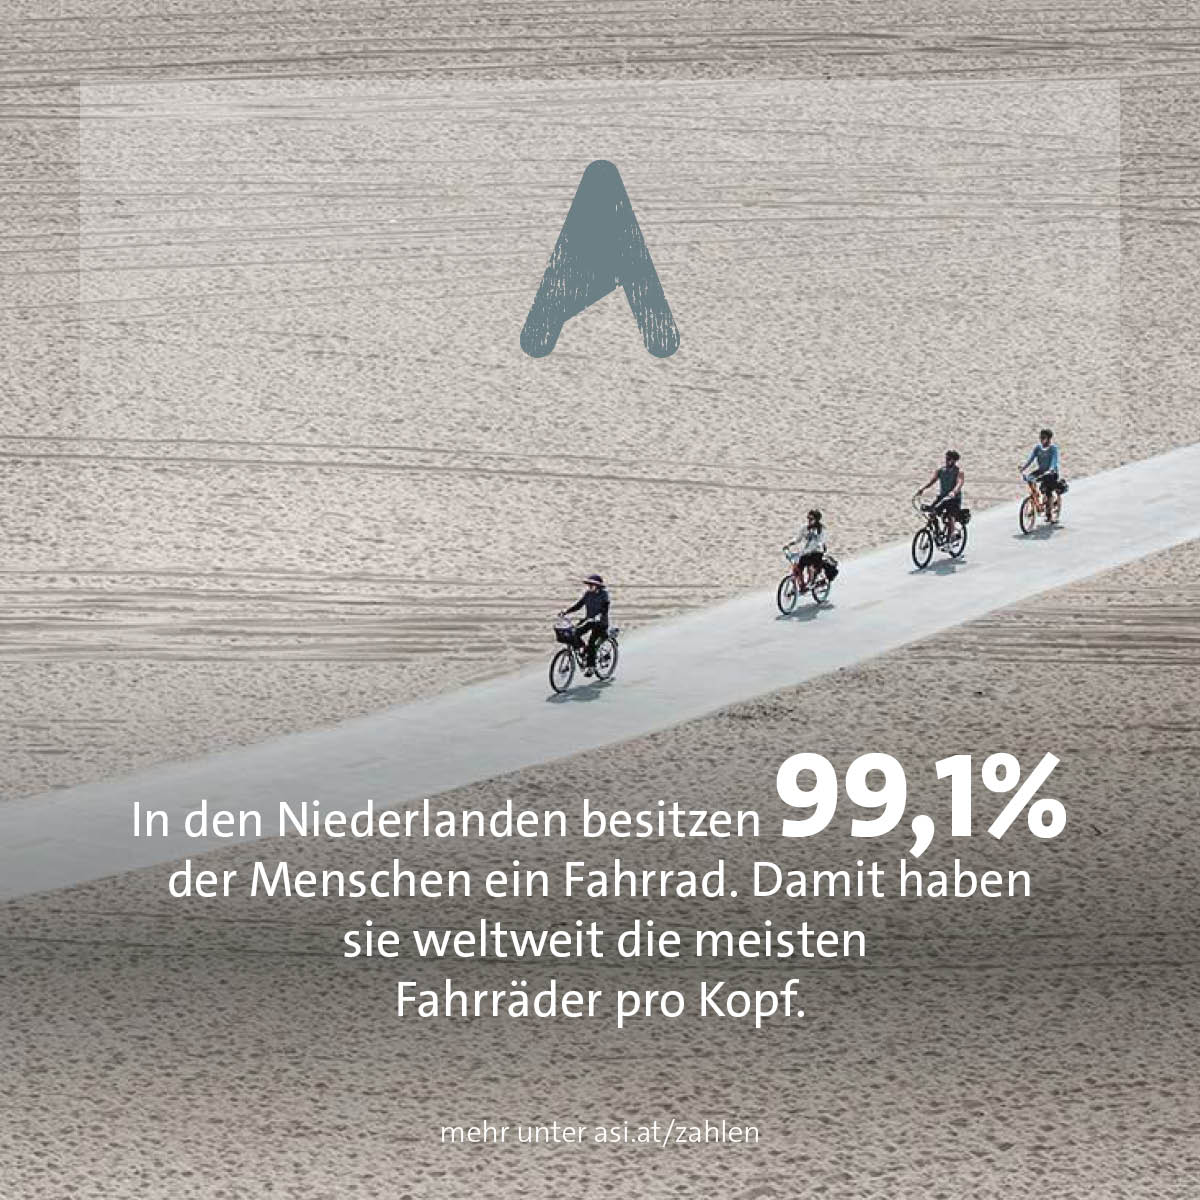 Mit dem Rad in den Niederlanden